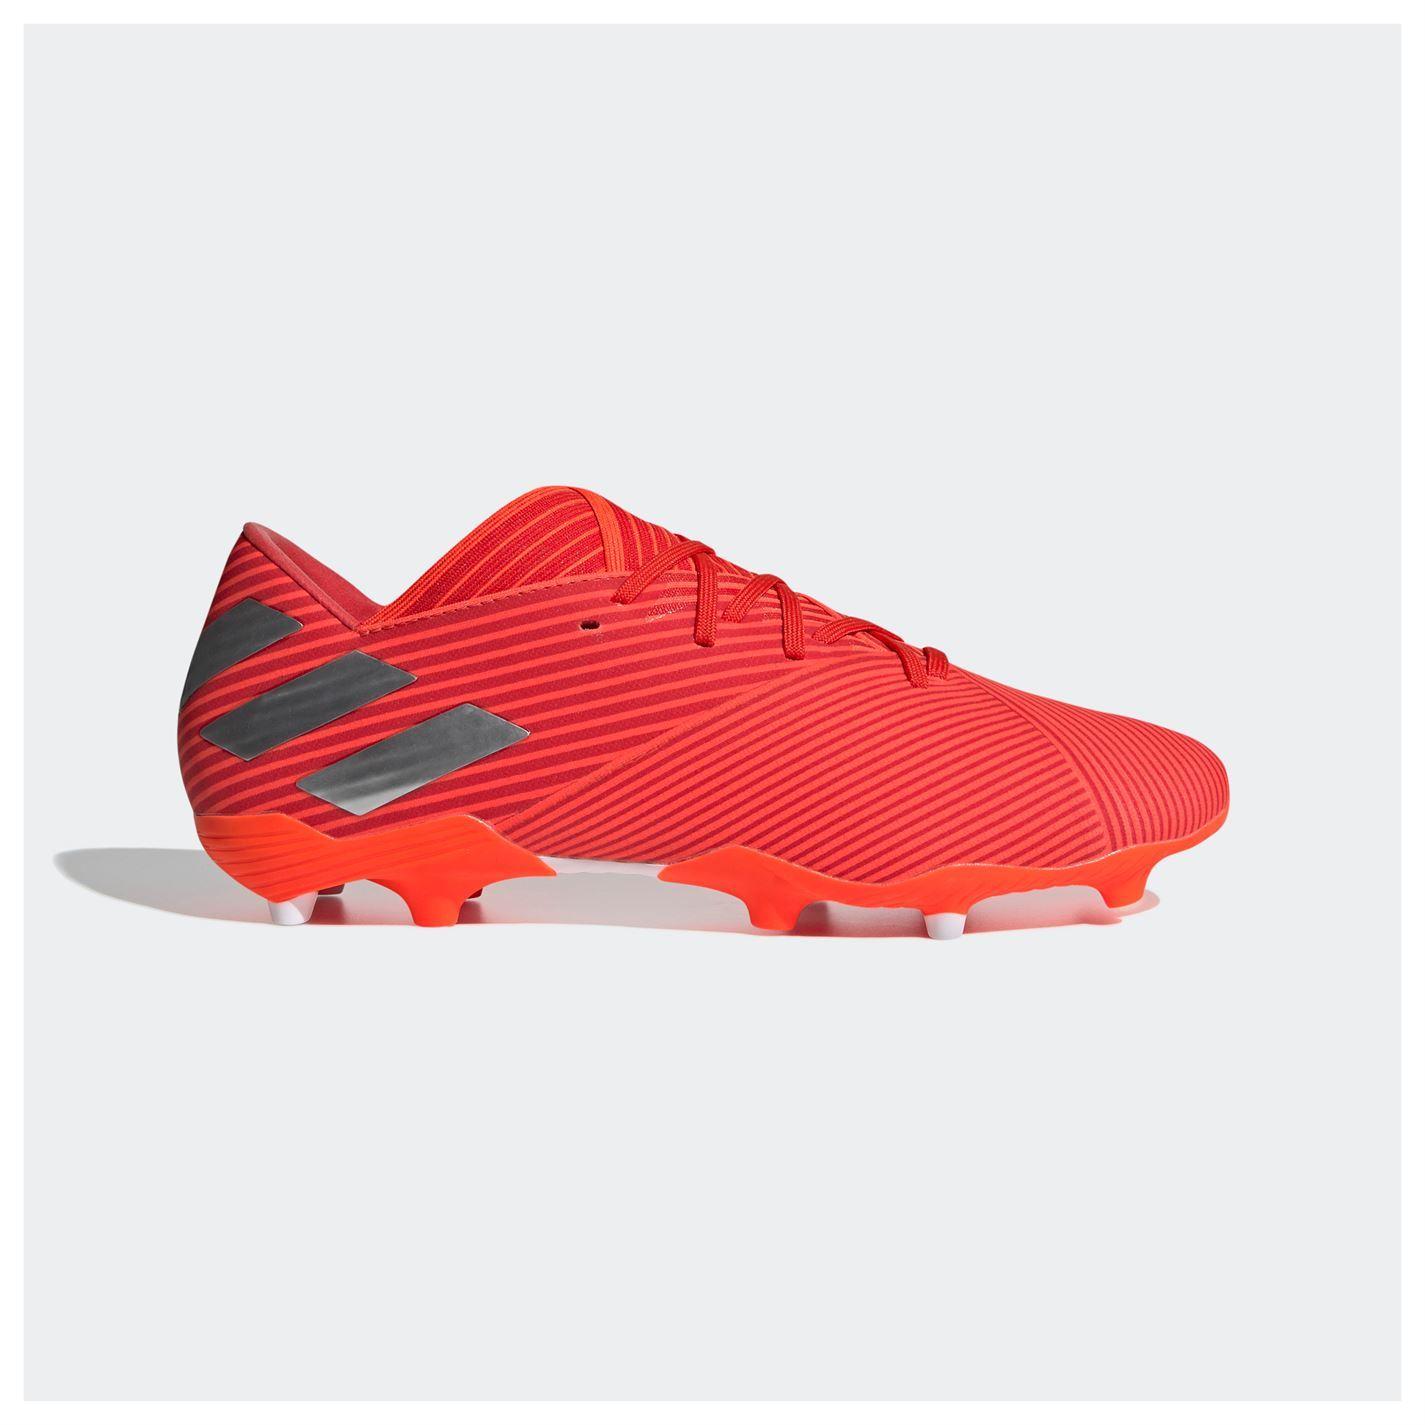 Adidas-nemeziz-19-2-Firm-Ground-FG-Chaussures-De-Football-Hommes-Soccer-Crampons-Chaussures miniature 12